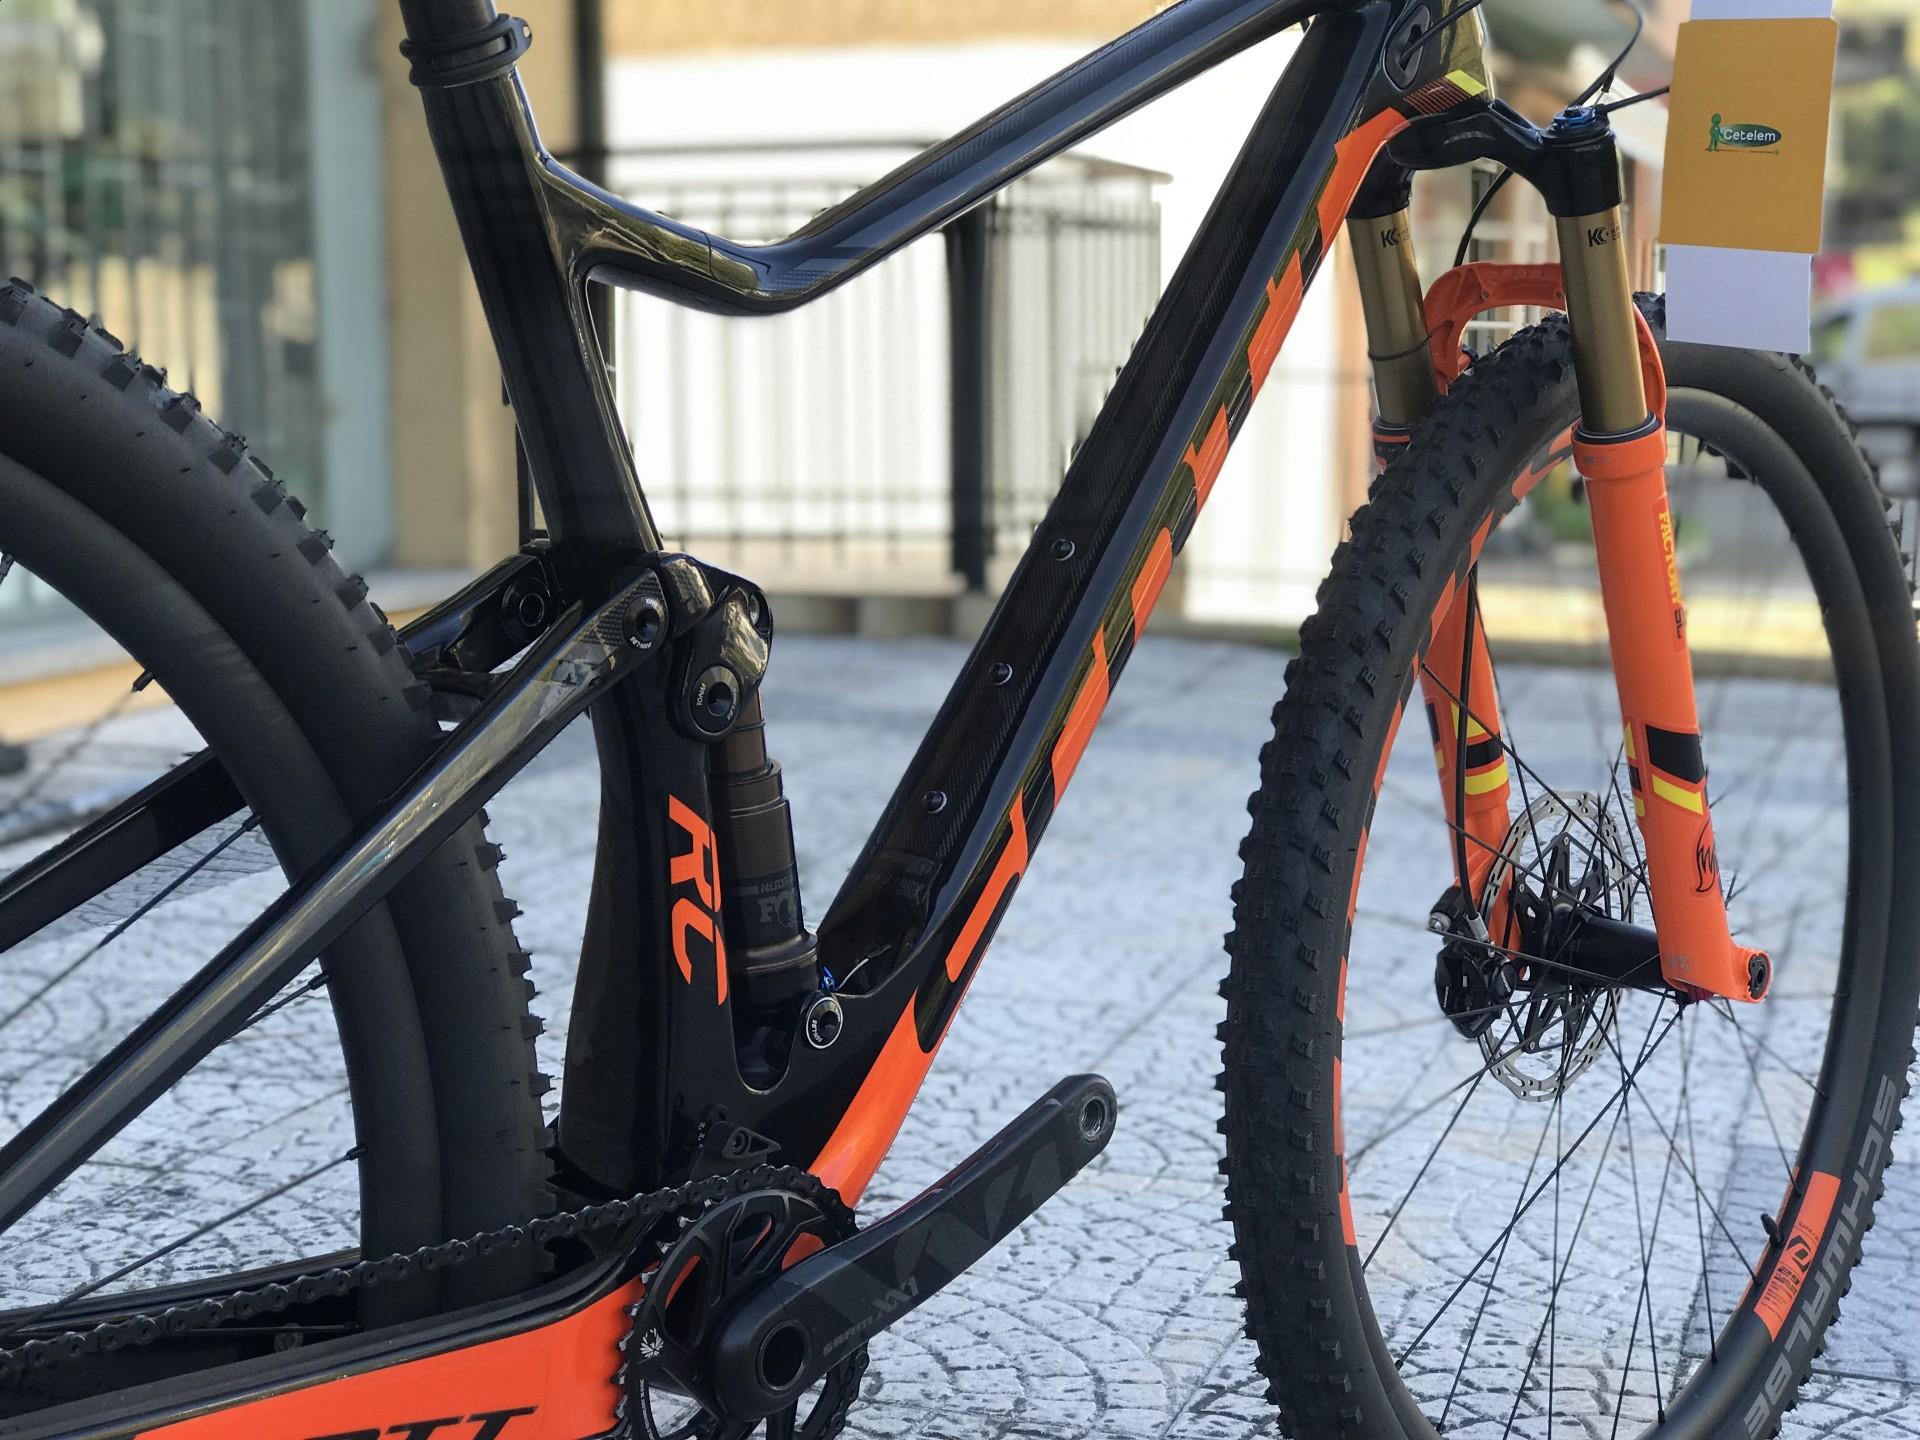 Bicicleta Scott Spark RC 900 SL - 17 (semi-nova)